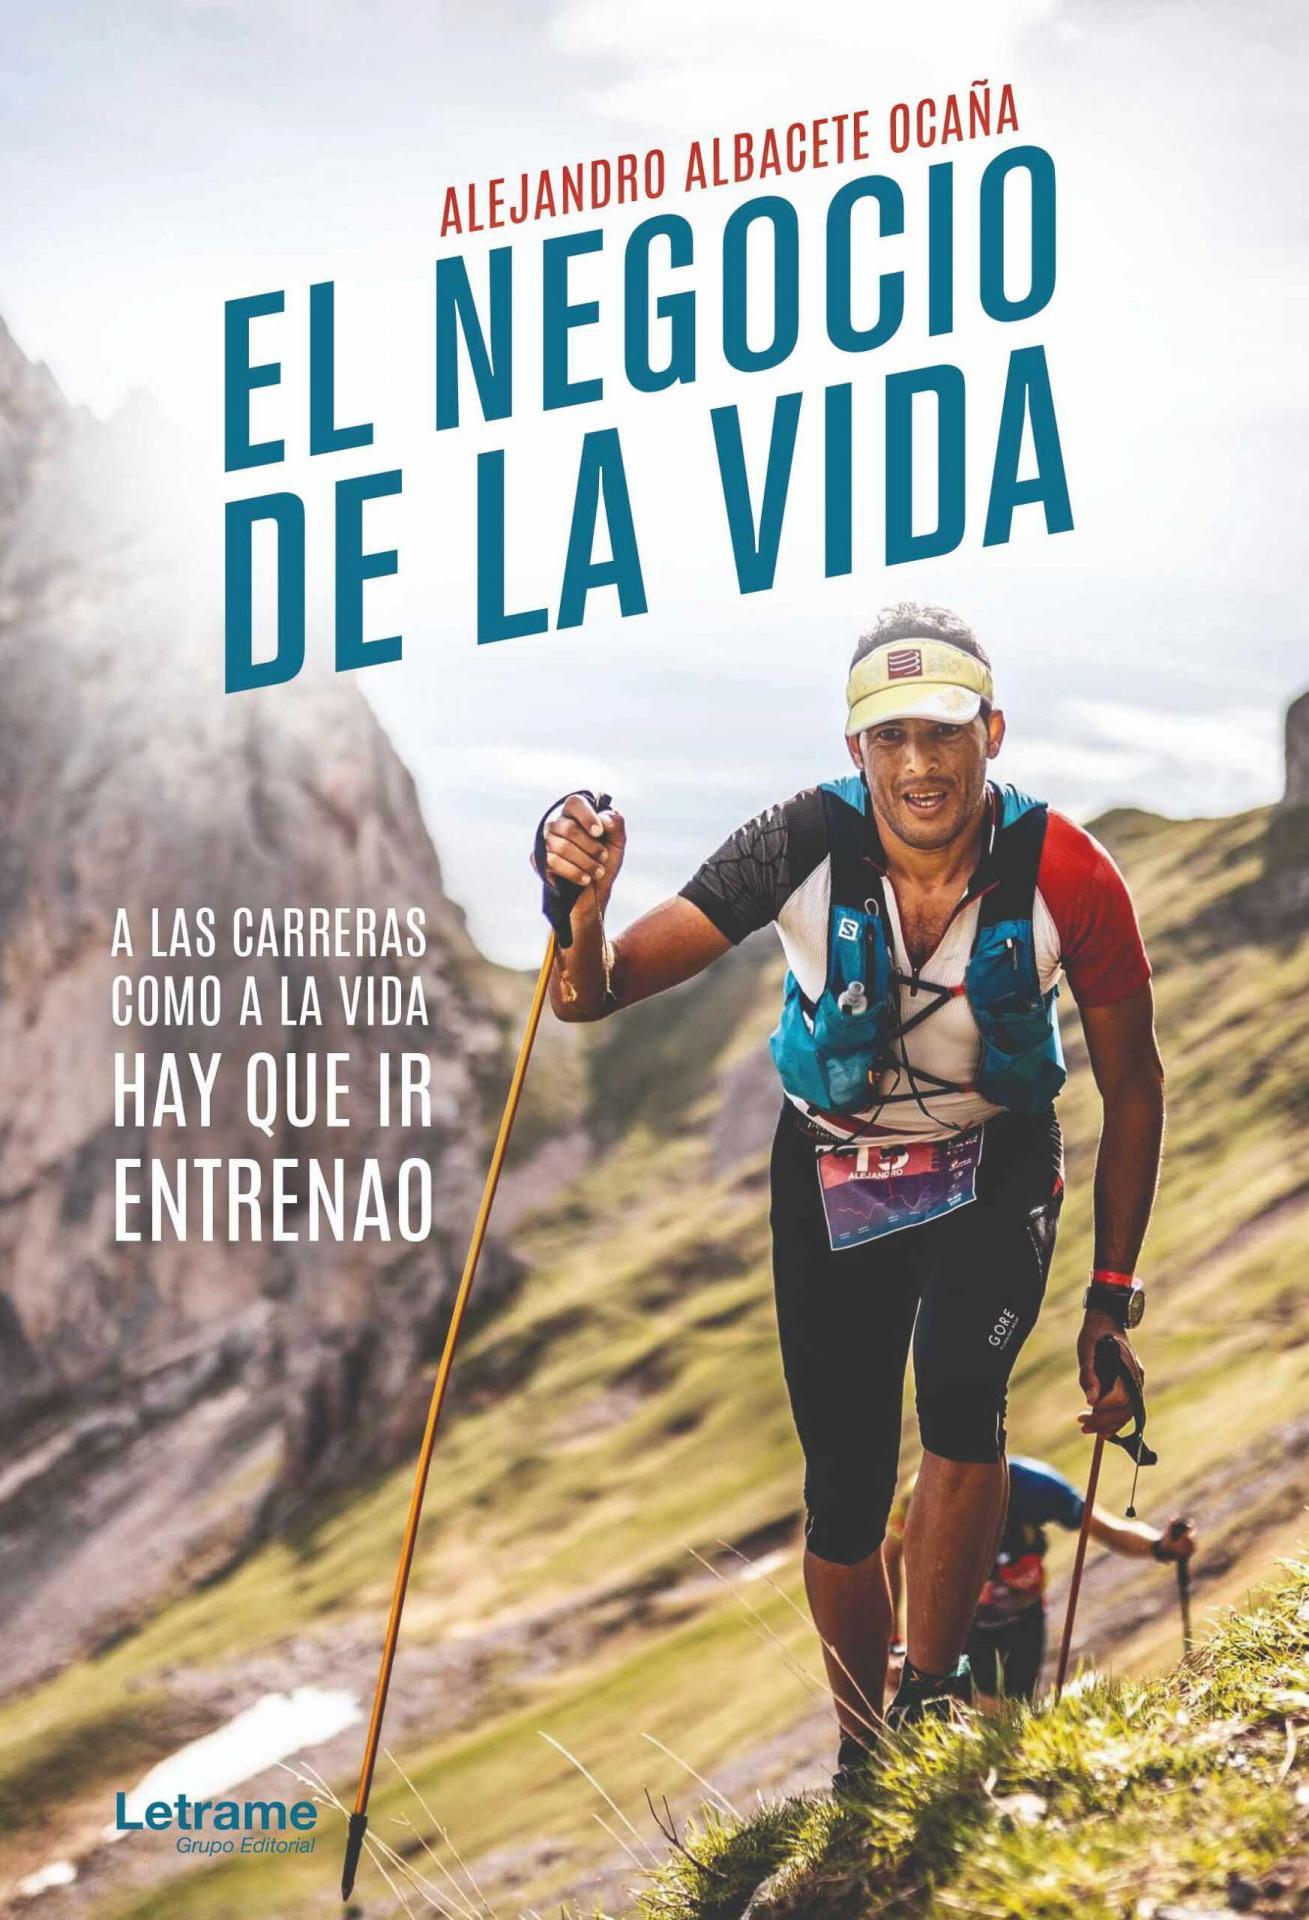 EL NEGOCIO DE LA VIDA, Alejandro Albacete Ocaña